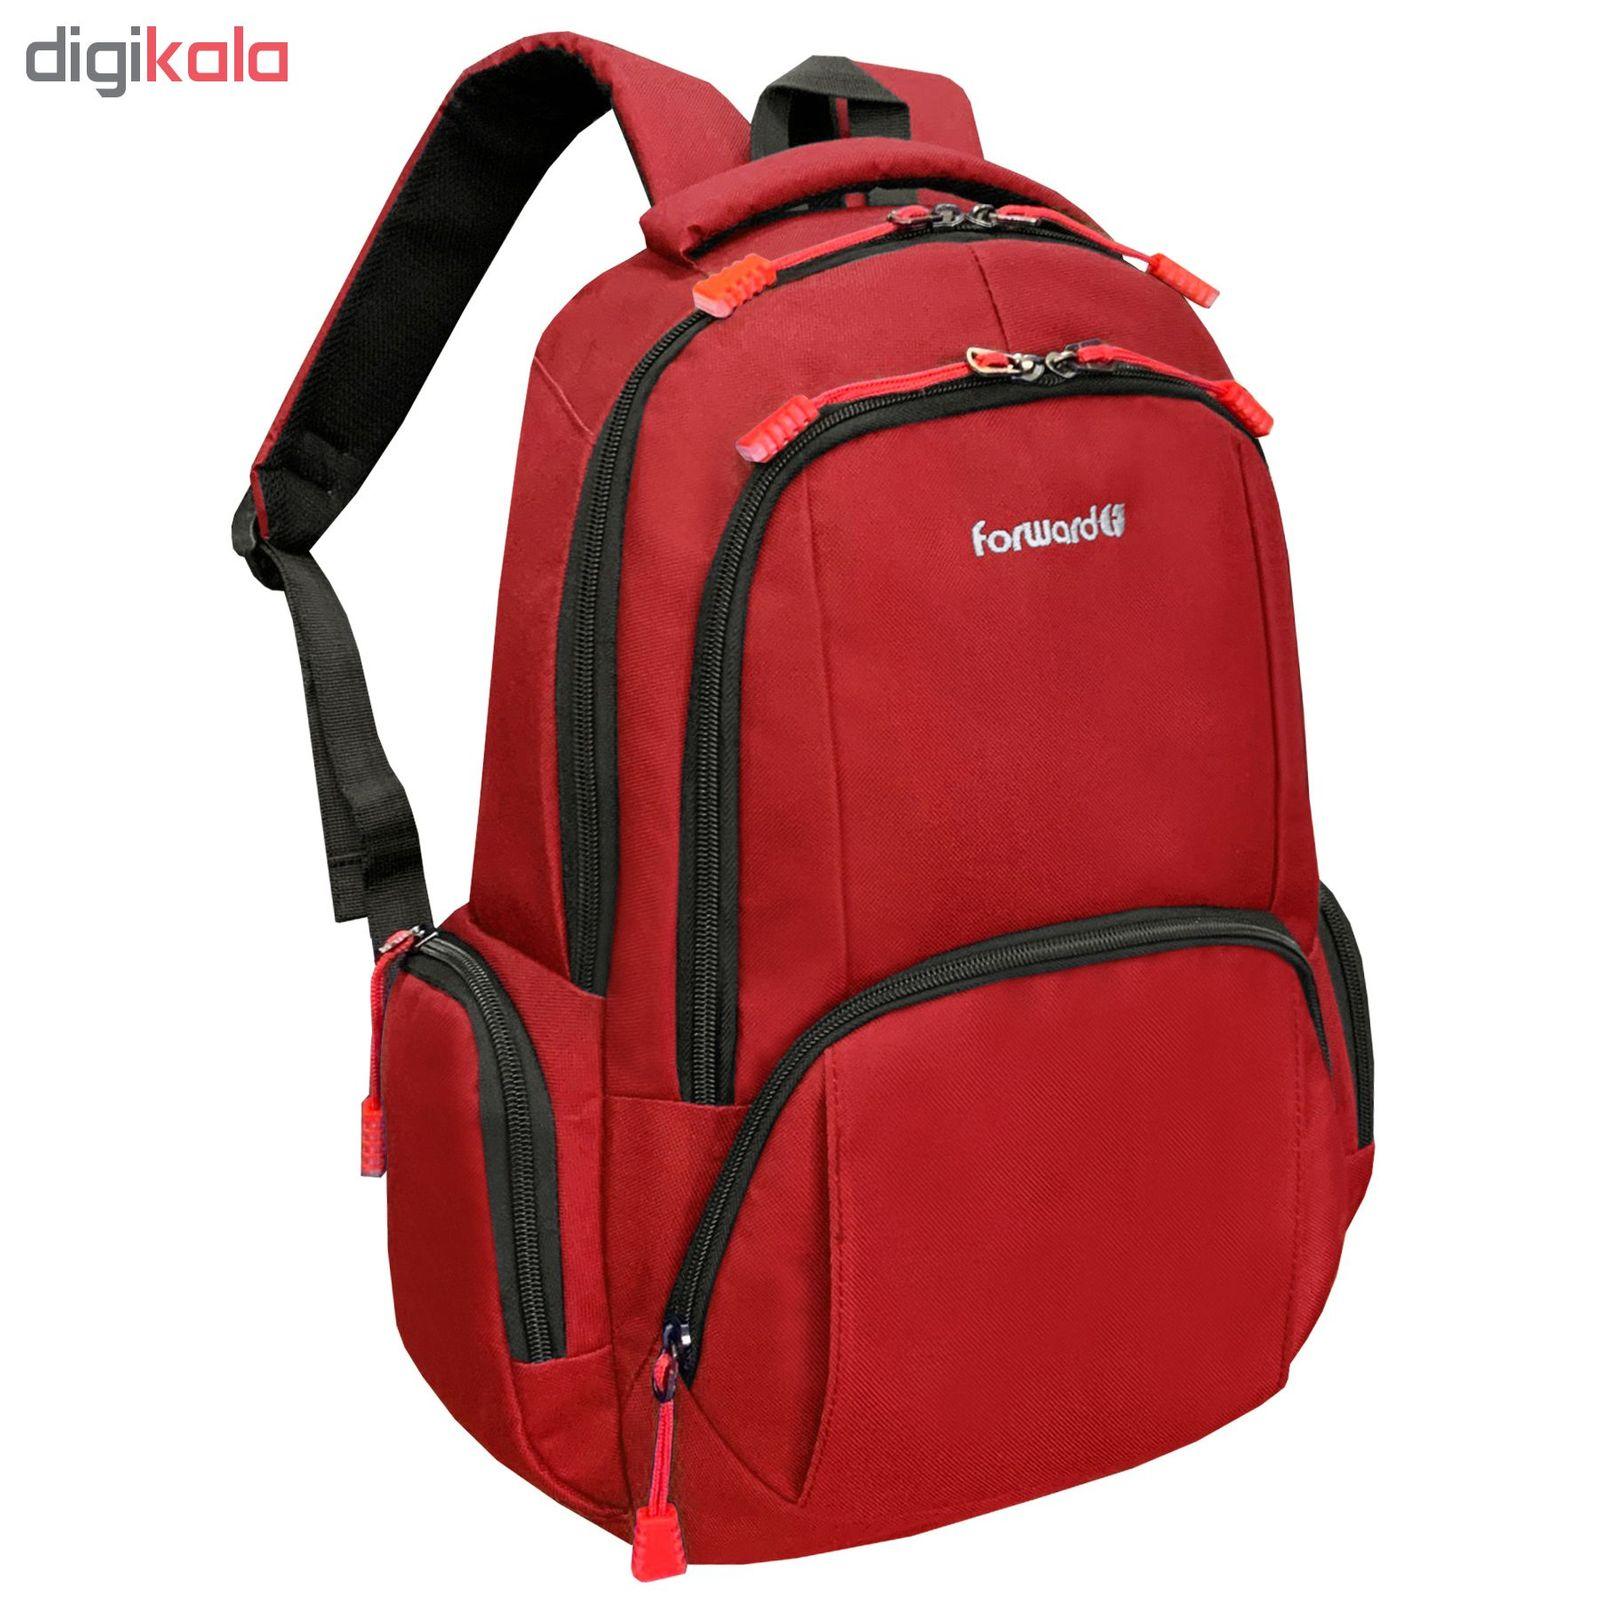 کوله پشتی لپ تاپ فوروارد مدل FCLT9006 مناسب برای لپ تاپ 16.4 اینچی main 1 5